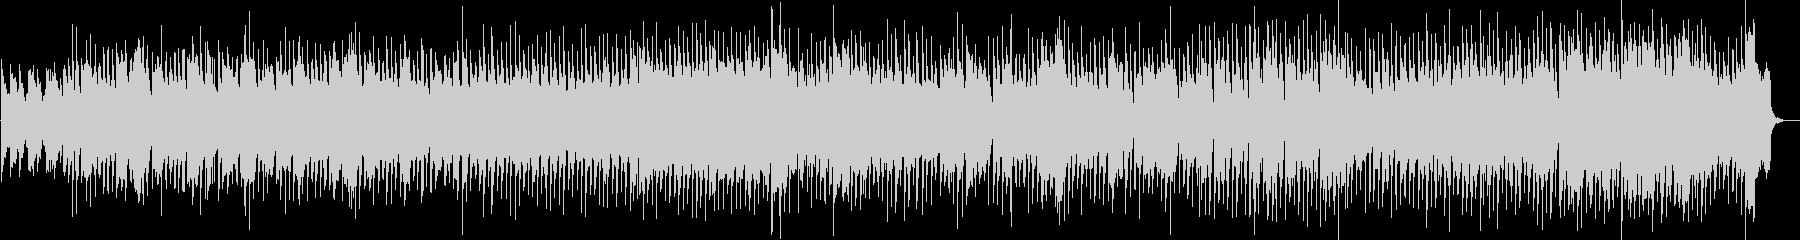 メランコリックなスイングジャズ約3分半の未再生の波形